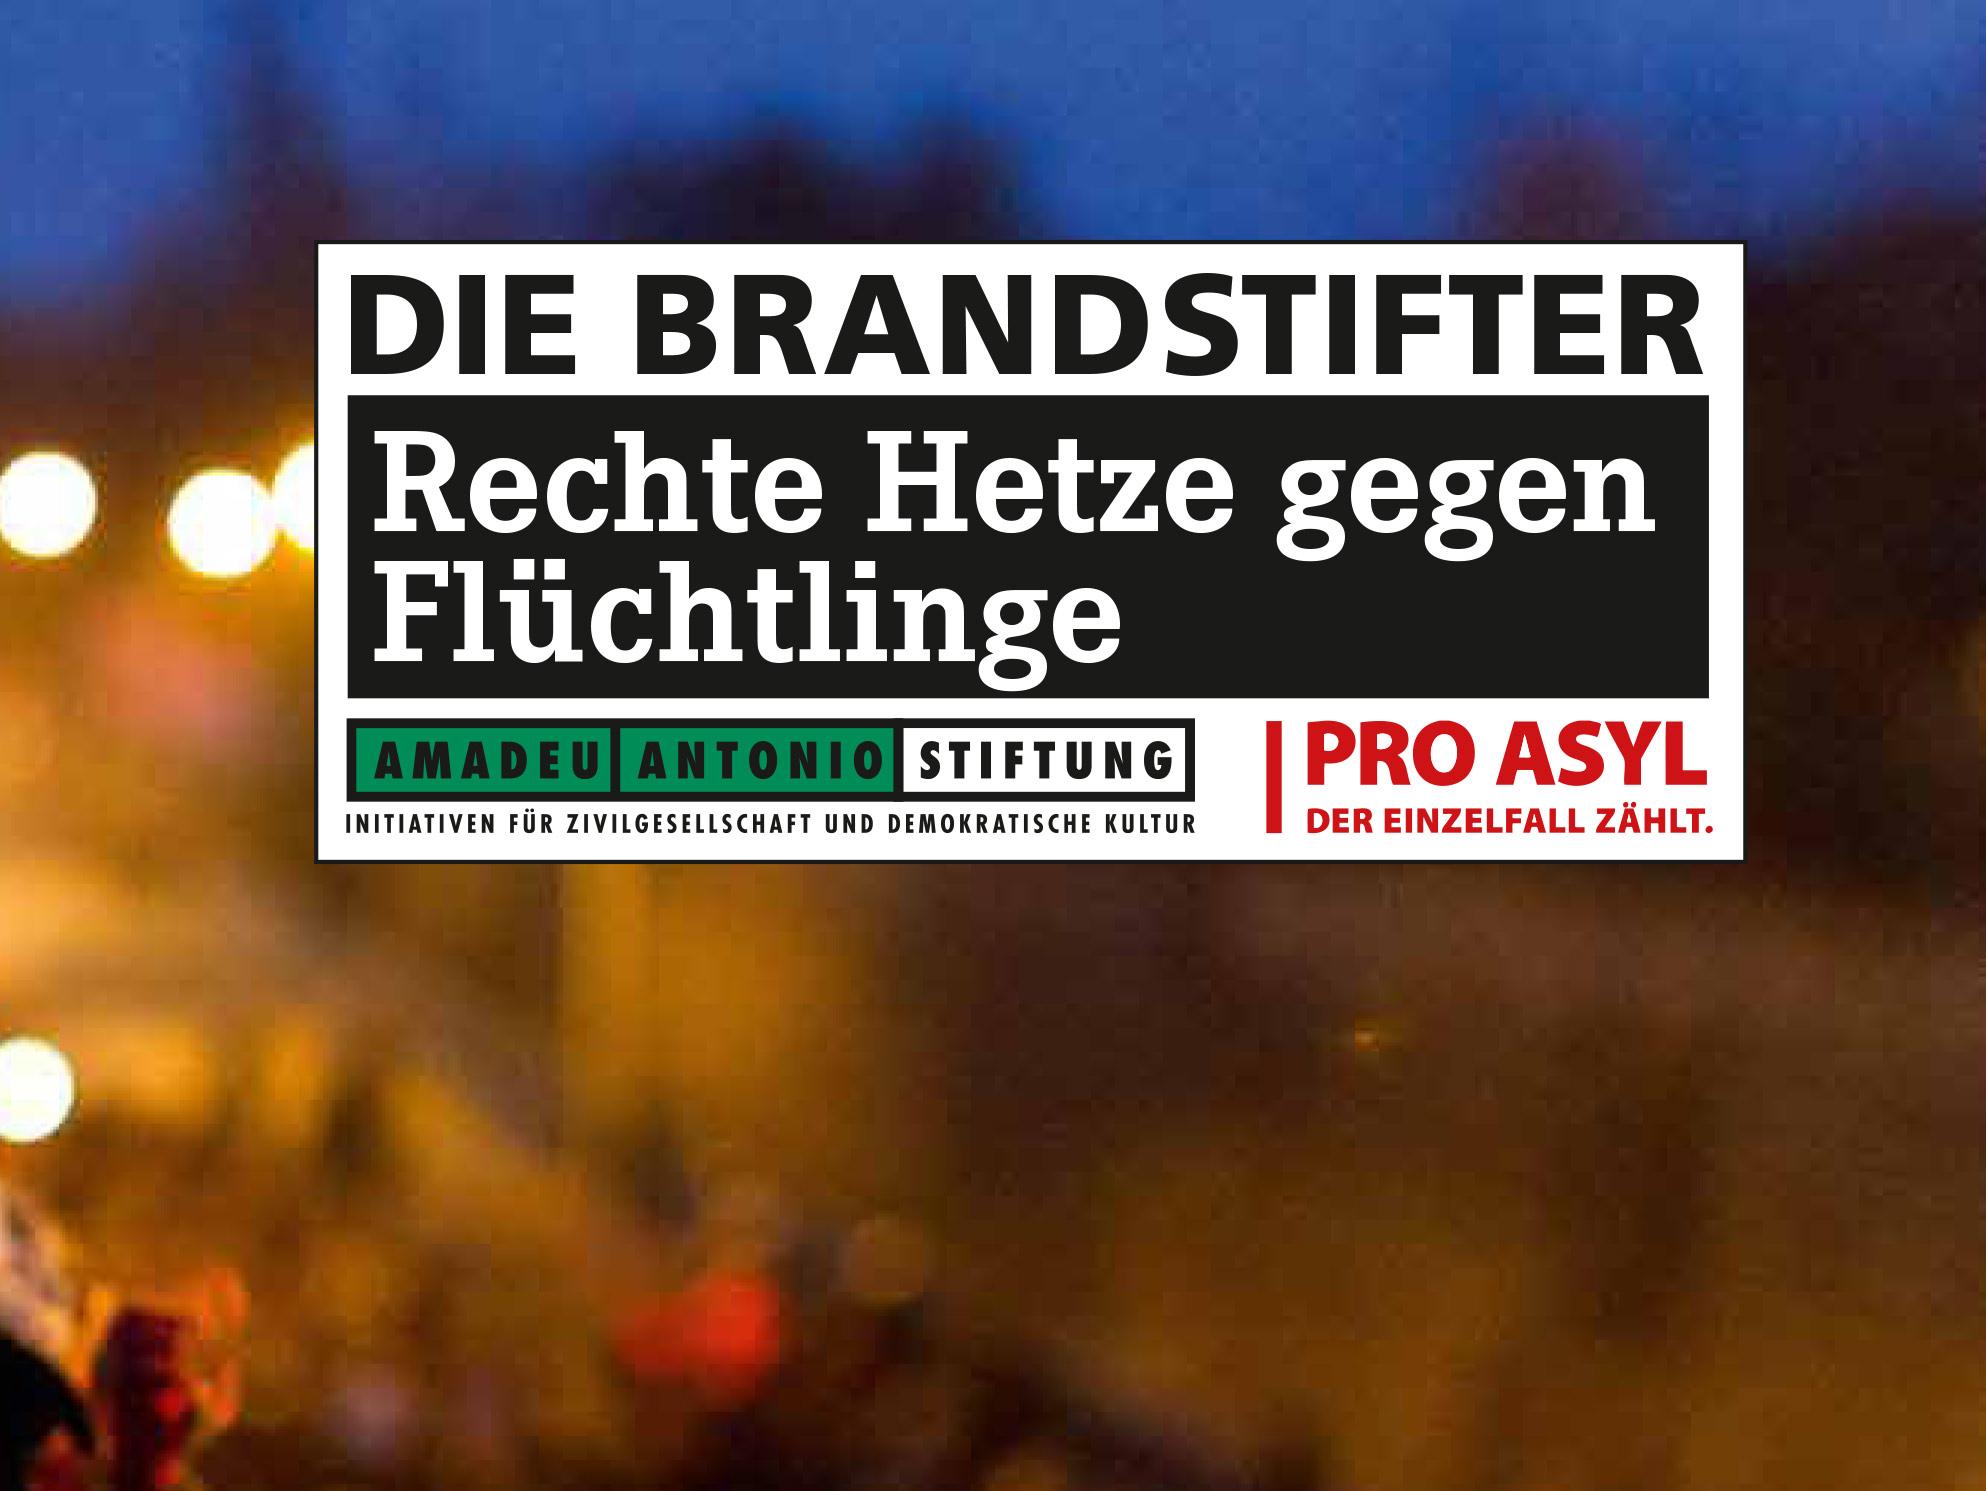 https://www.amadeu-antonio-stiftung.de/w/gfx/medium/aas18/startseite/aktuelles/broschuere_brandstifter_internet-301.jpg